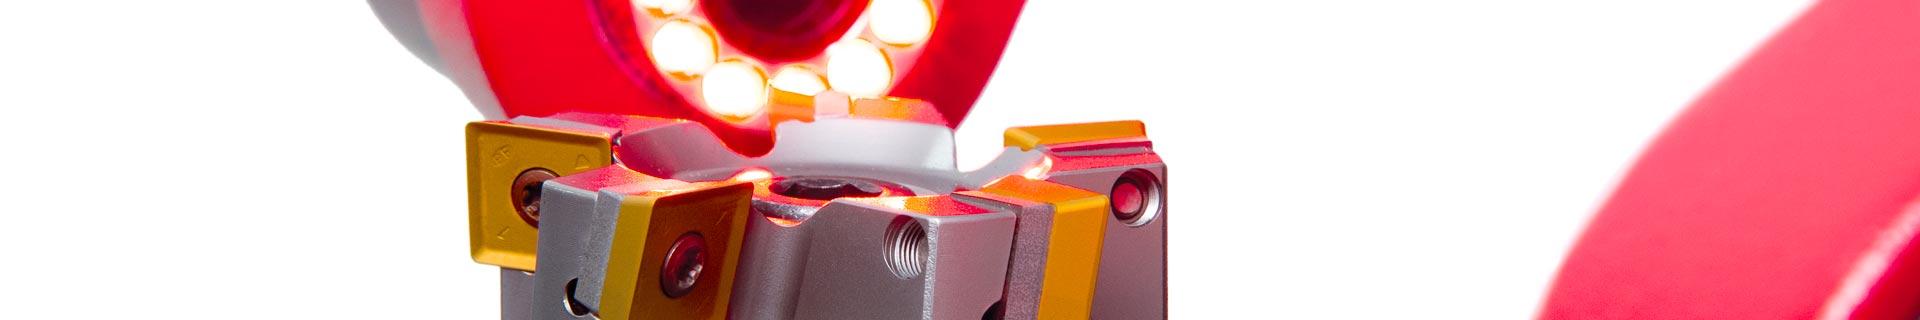 Spinner AG - Werkzeugvoreinstellgeräte